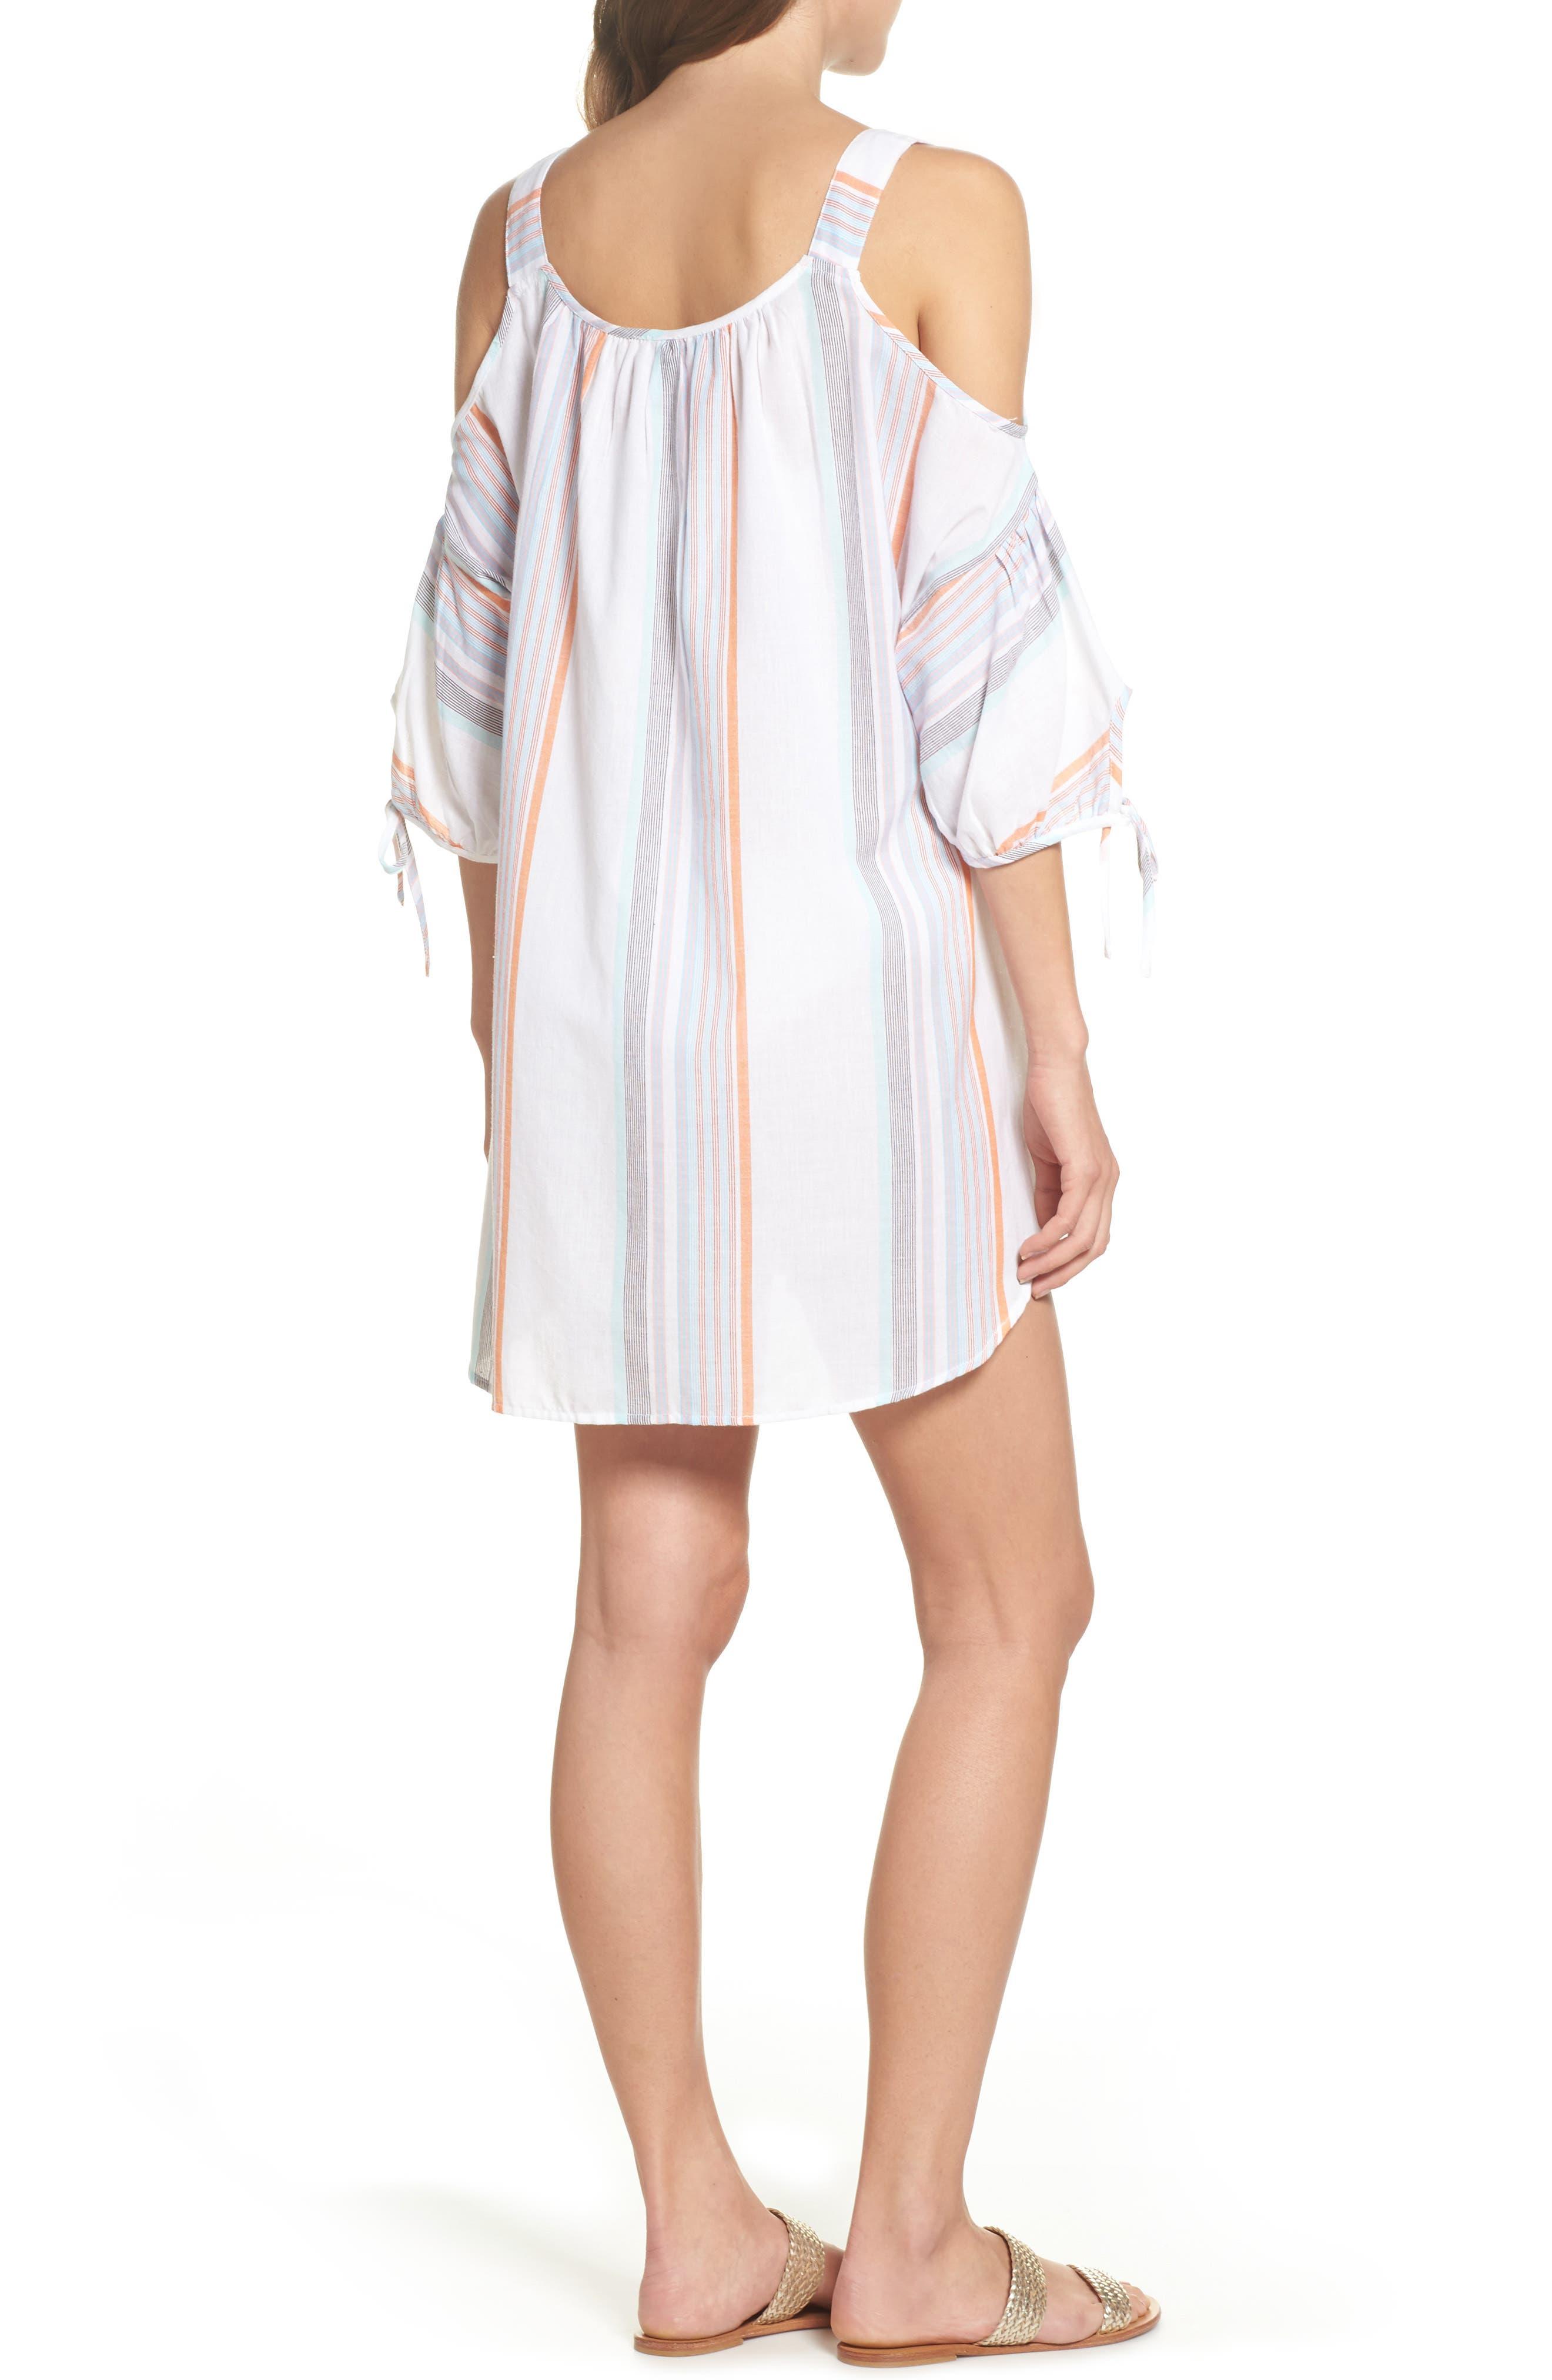 Sunset Stripe Cold Shoulder Cover-Up Dress,                             Alternate thumbnail 2, color,                             100